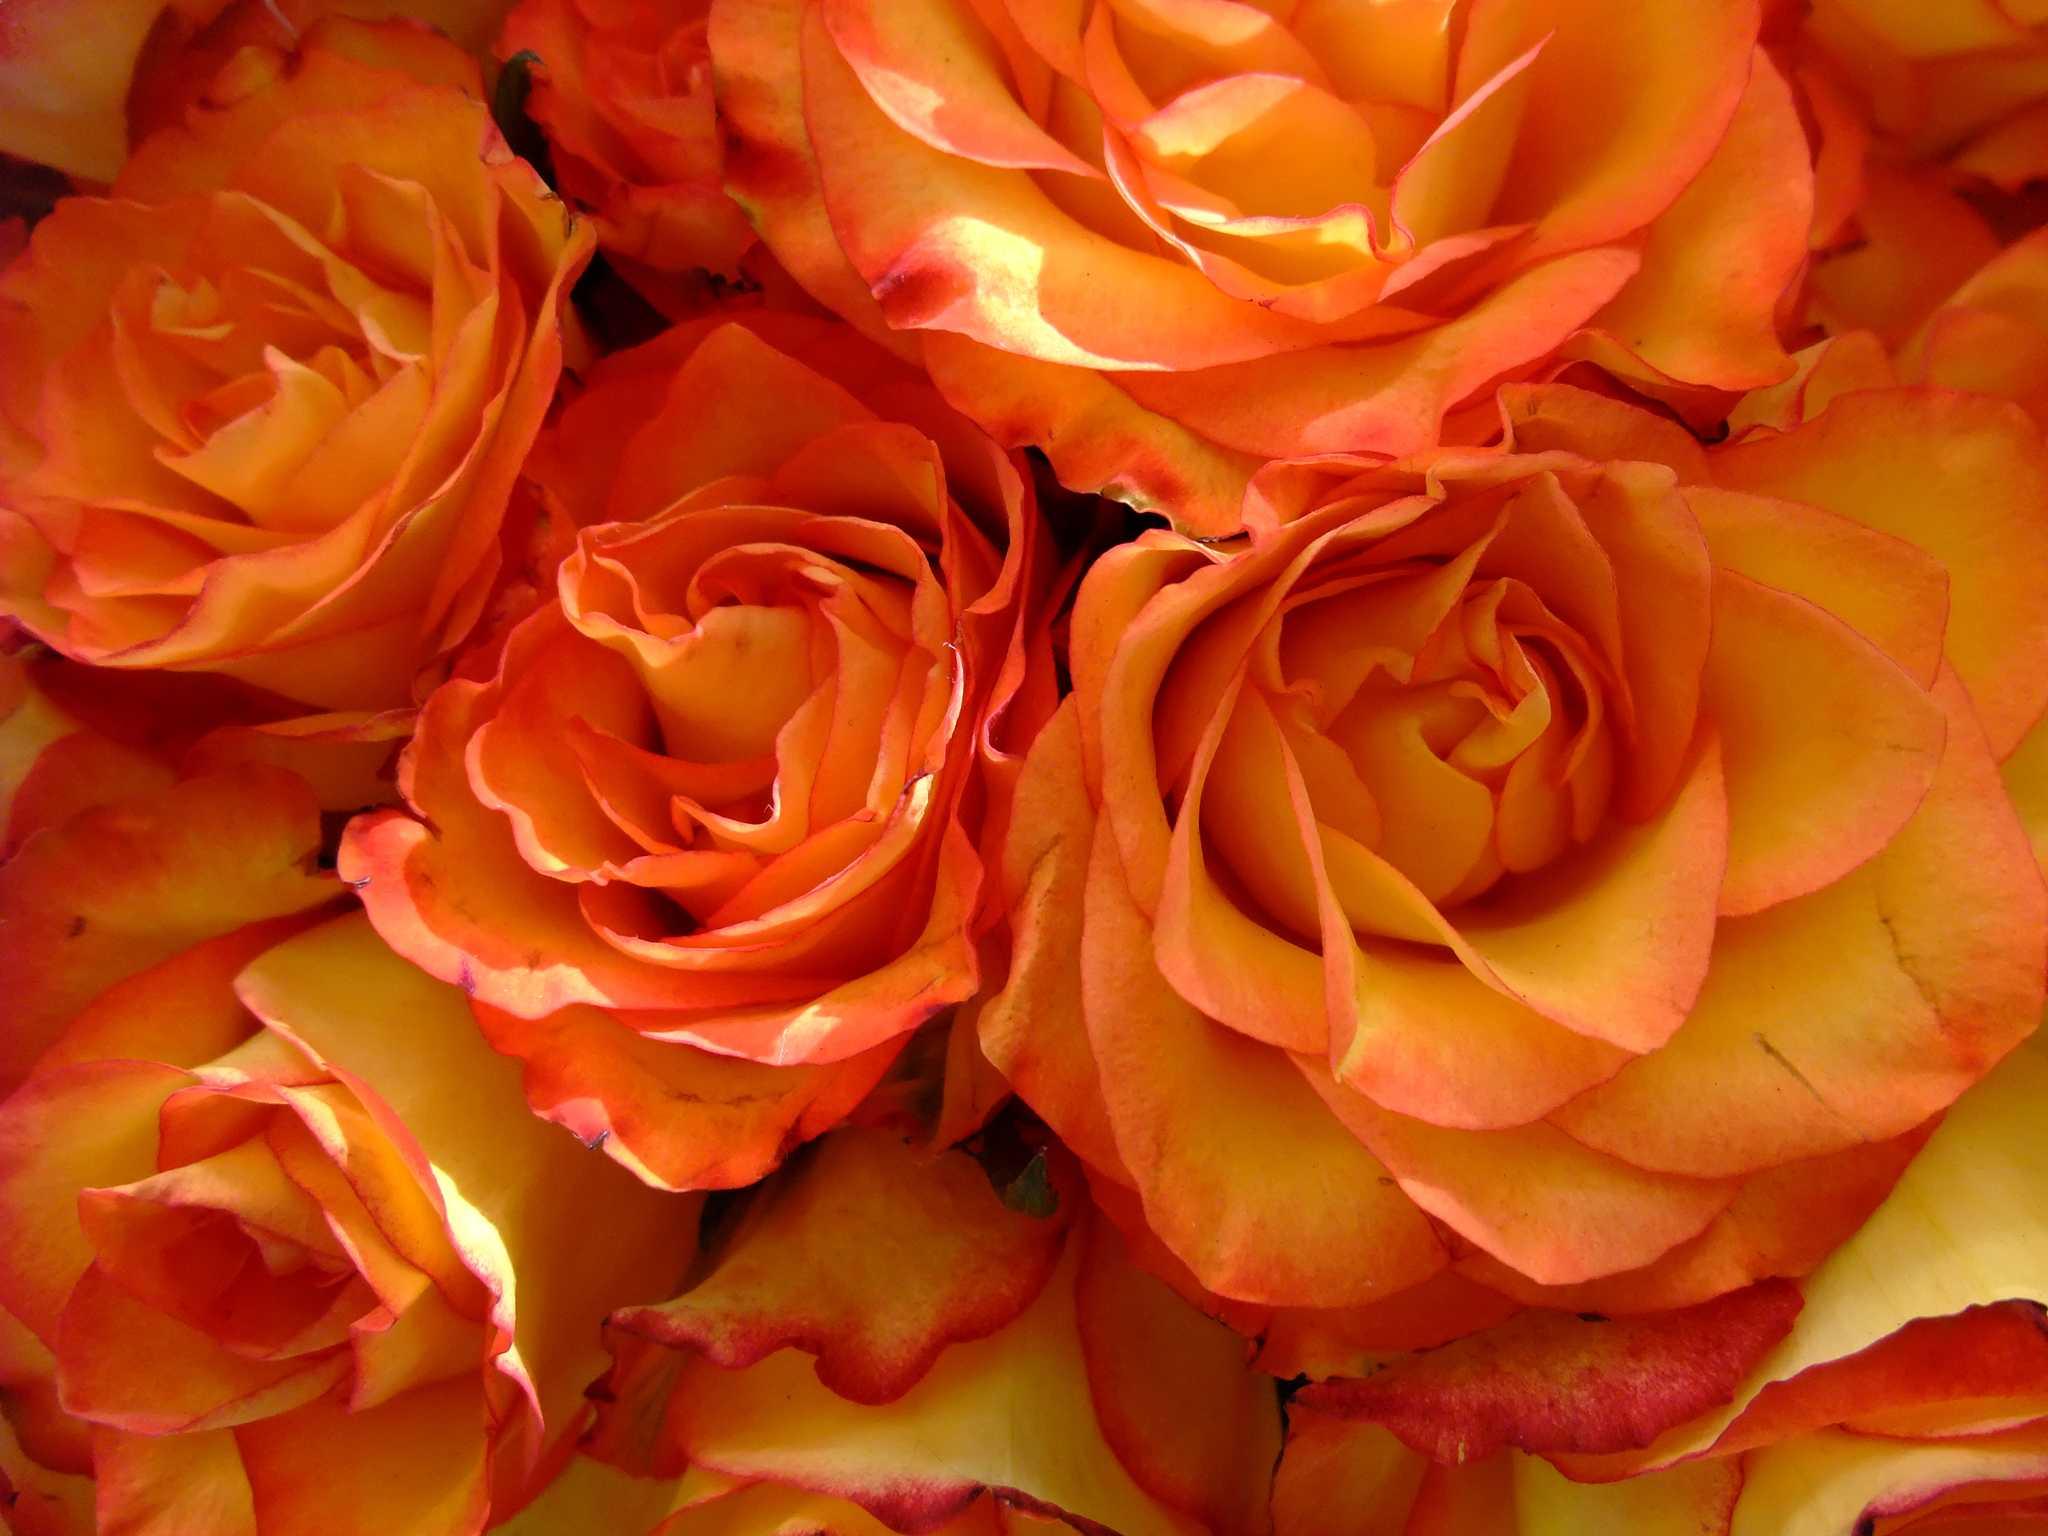 красоты италии розово оранжевые розы картинка этих блюд сейчас